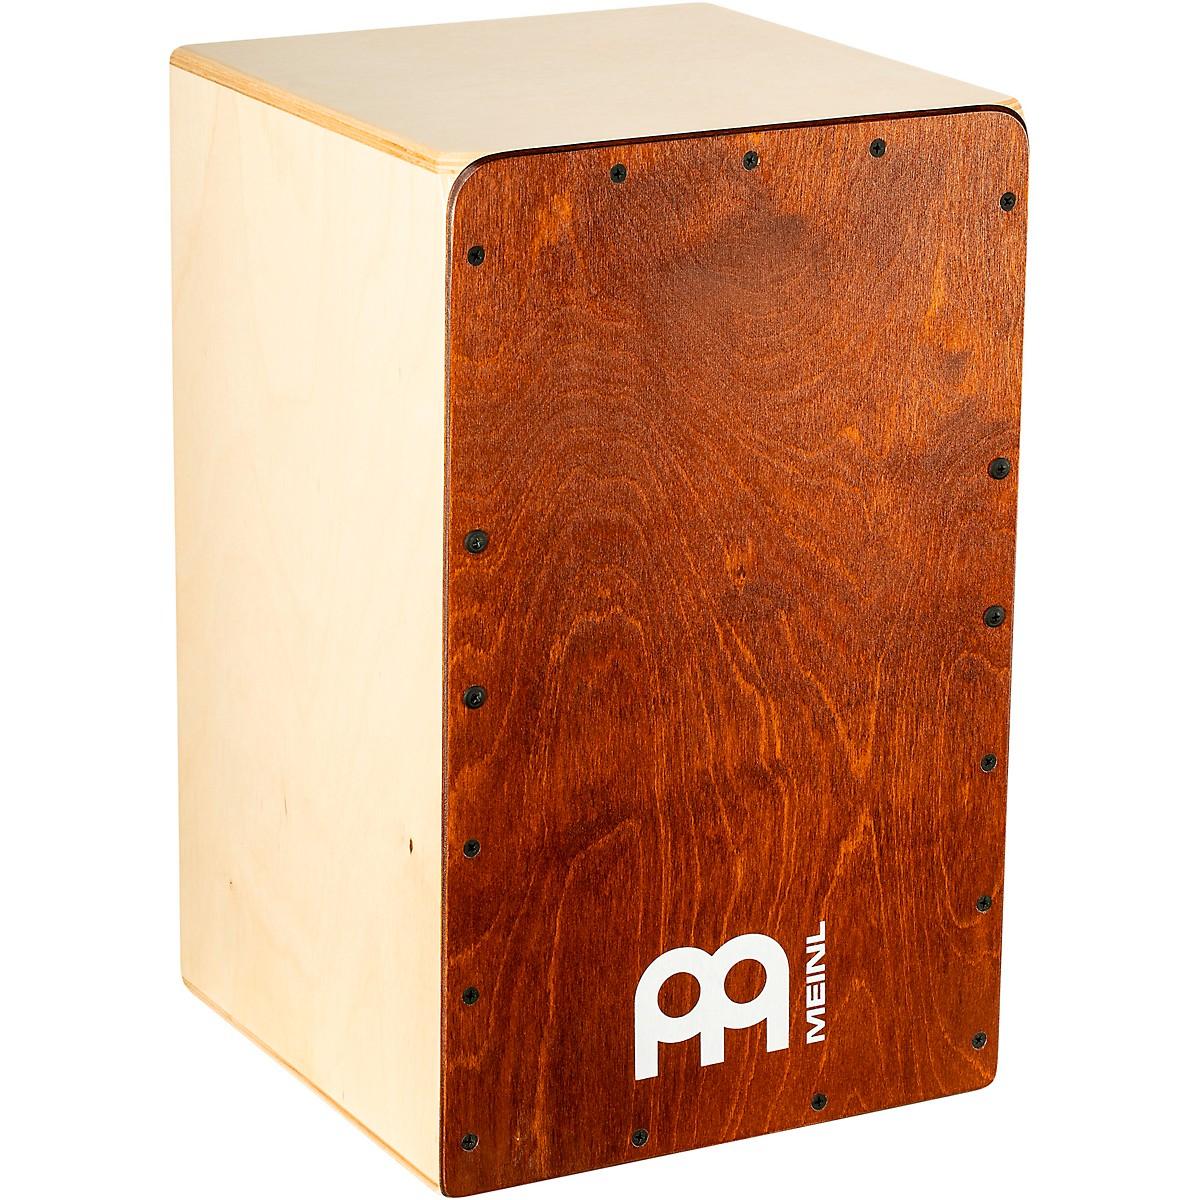 Meinl Snarecraft Series Cajon with Almond Birch Frontplate